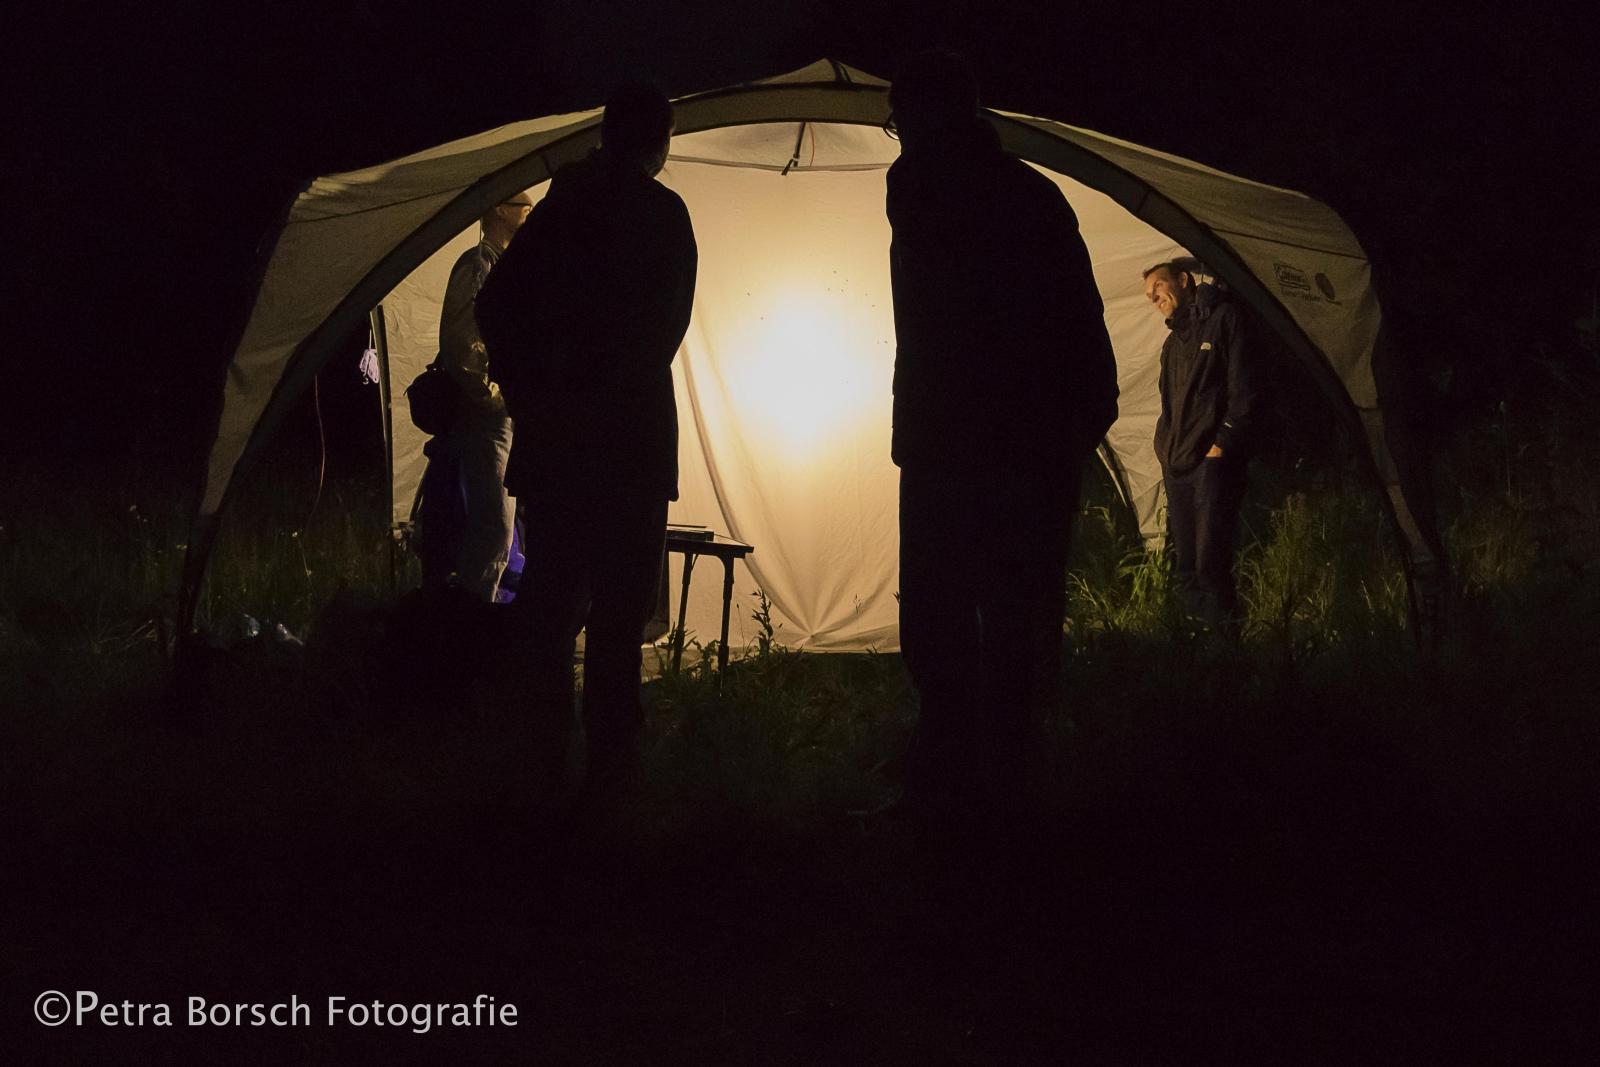 028_Nachtvlinderen